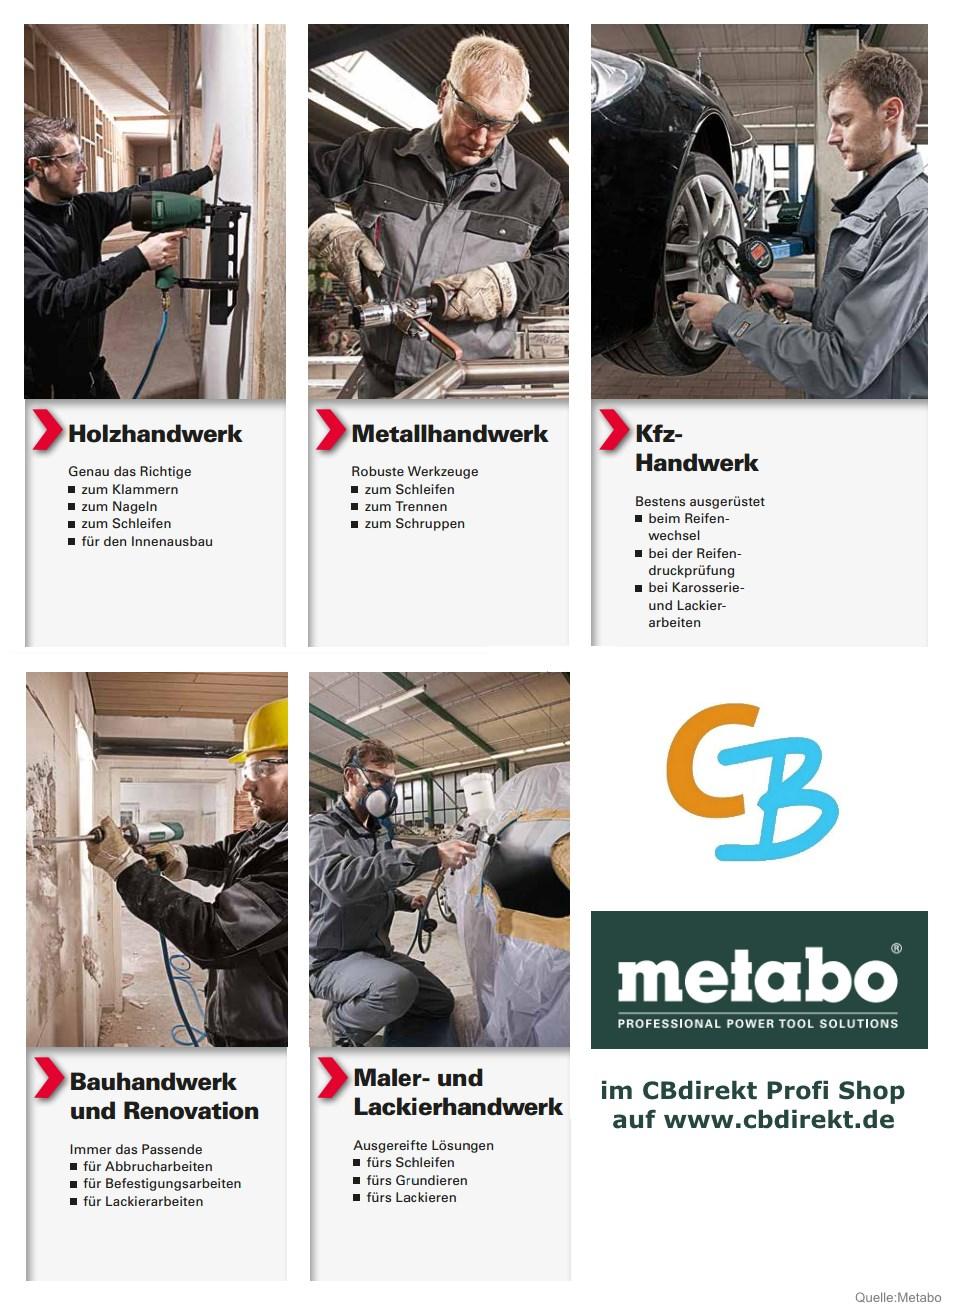 Metabo Drucklufttechnik Anwendungsgebiete